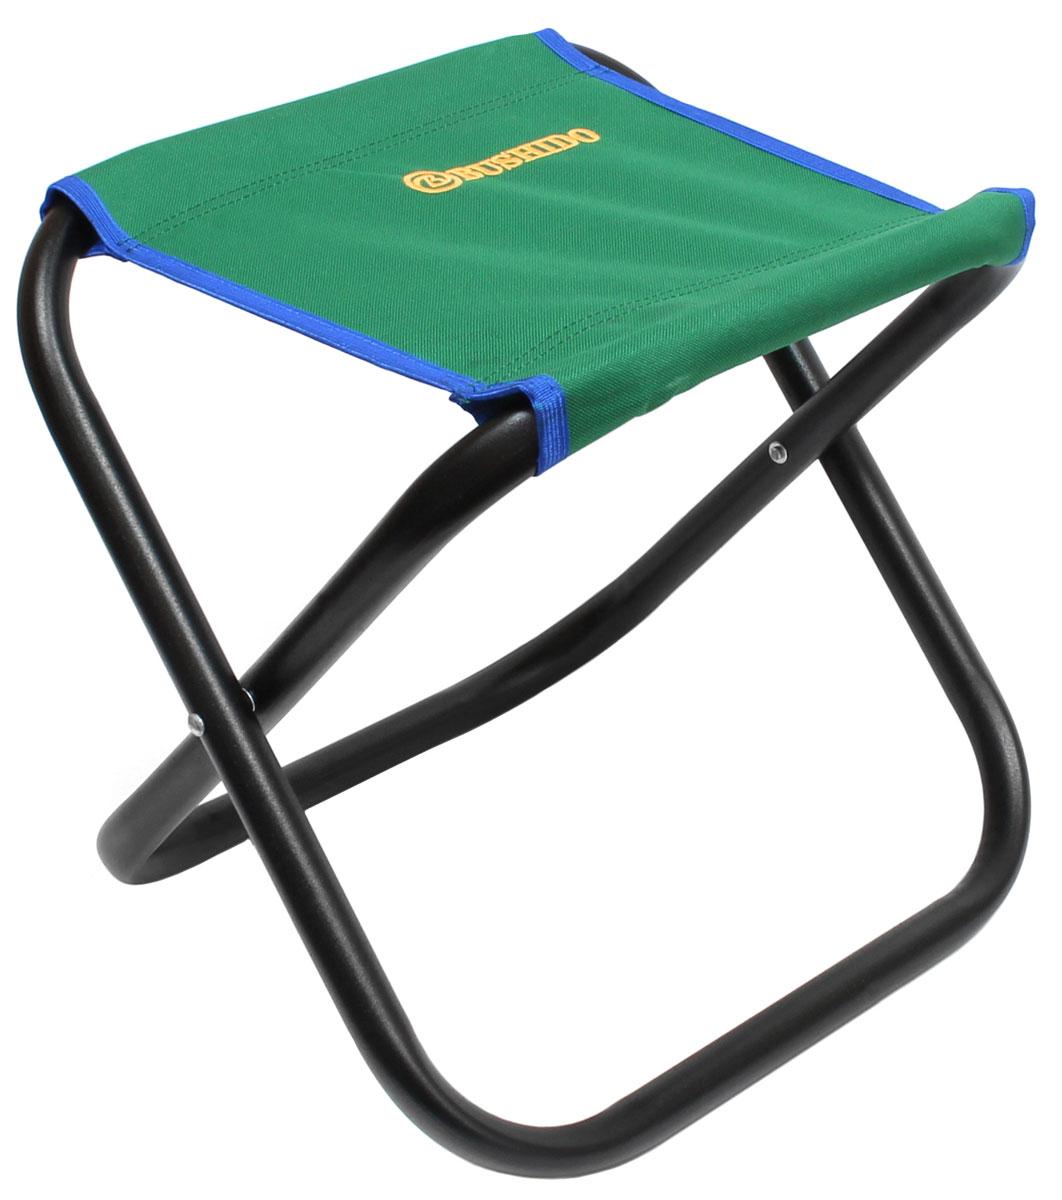 Стул складной  Bushido , цвет: зеленый, 35 х 28 х 33 см - Складная и надувная мебель